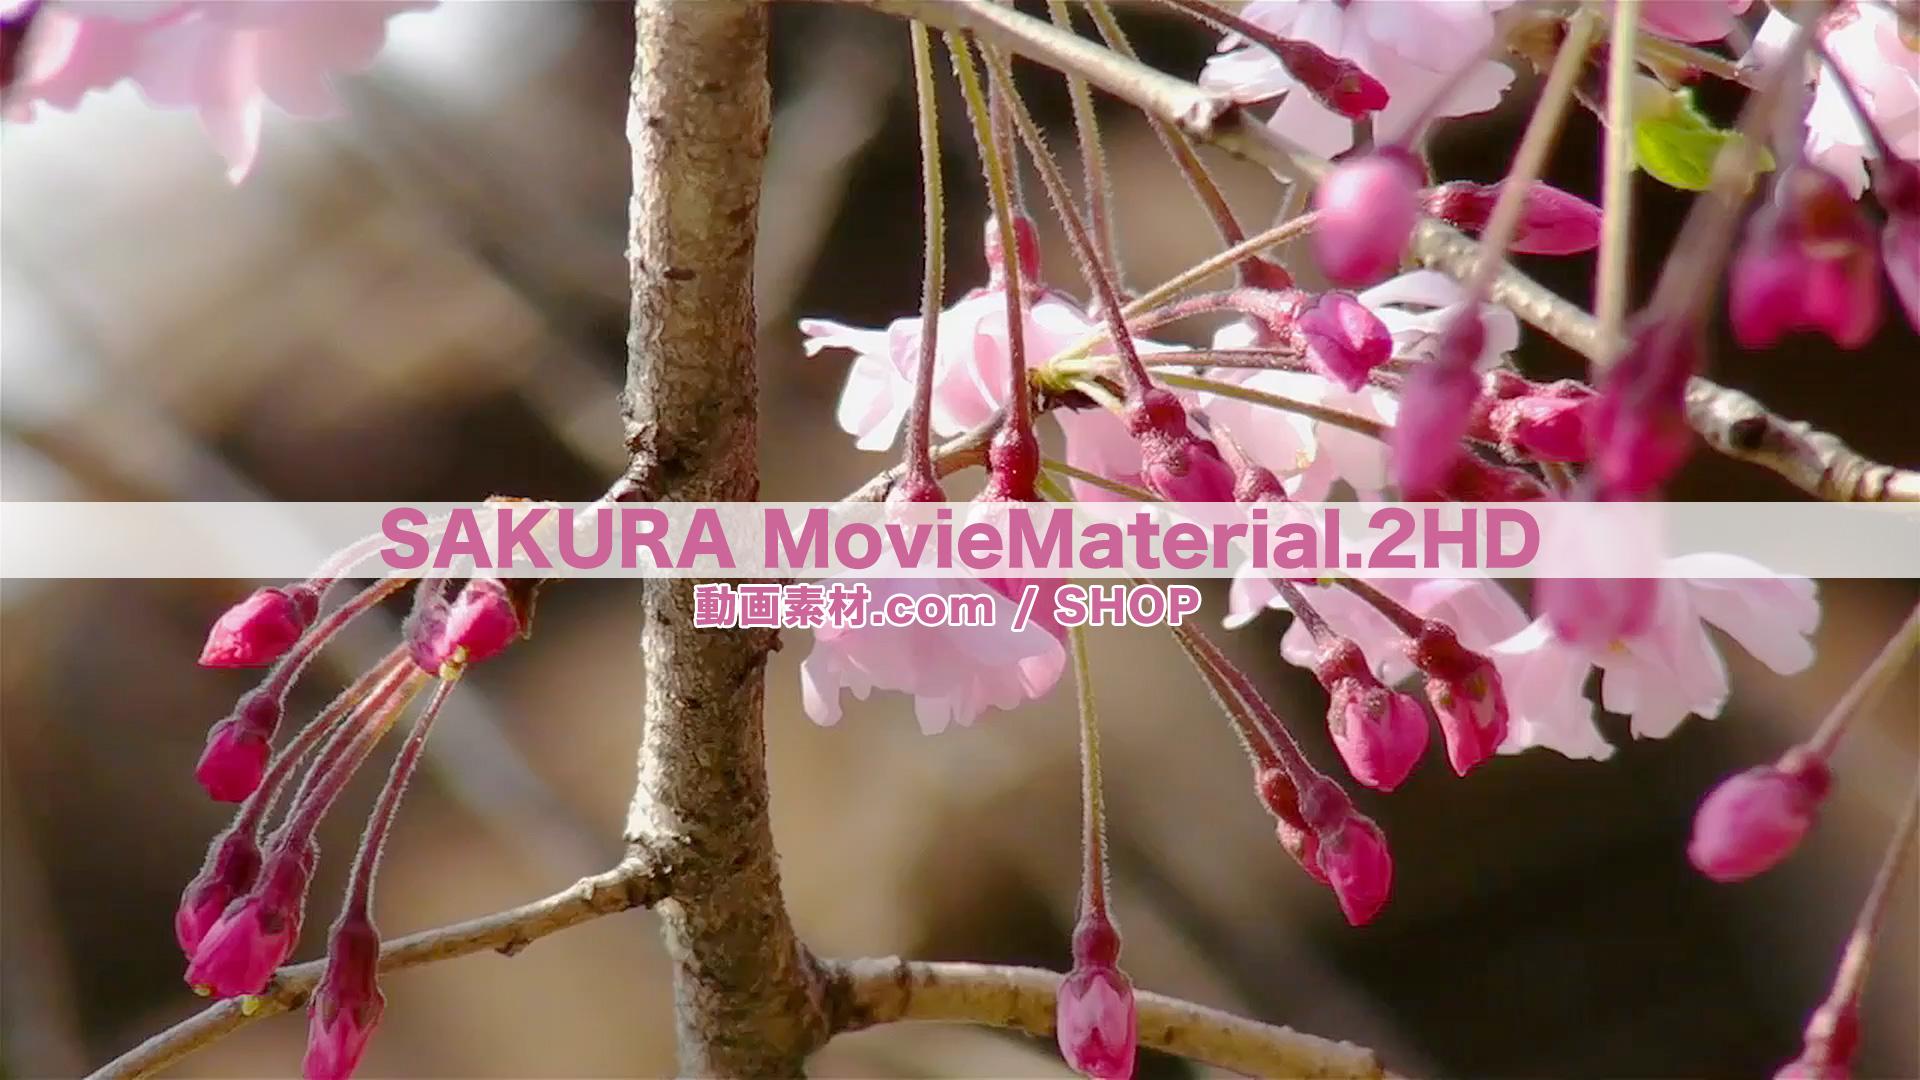 SAKURA2HD_5